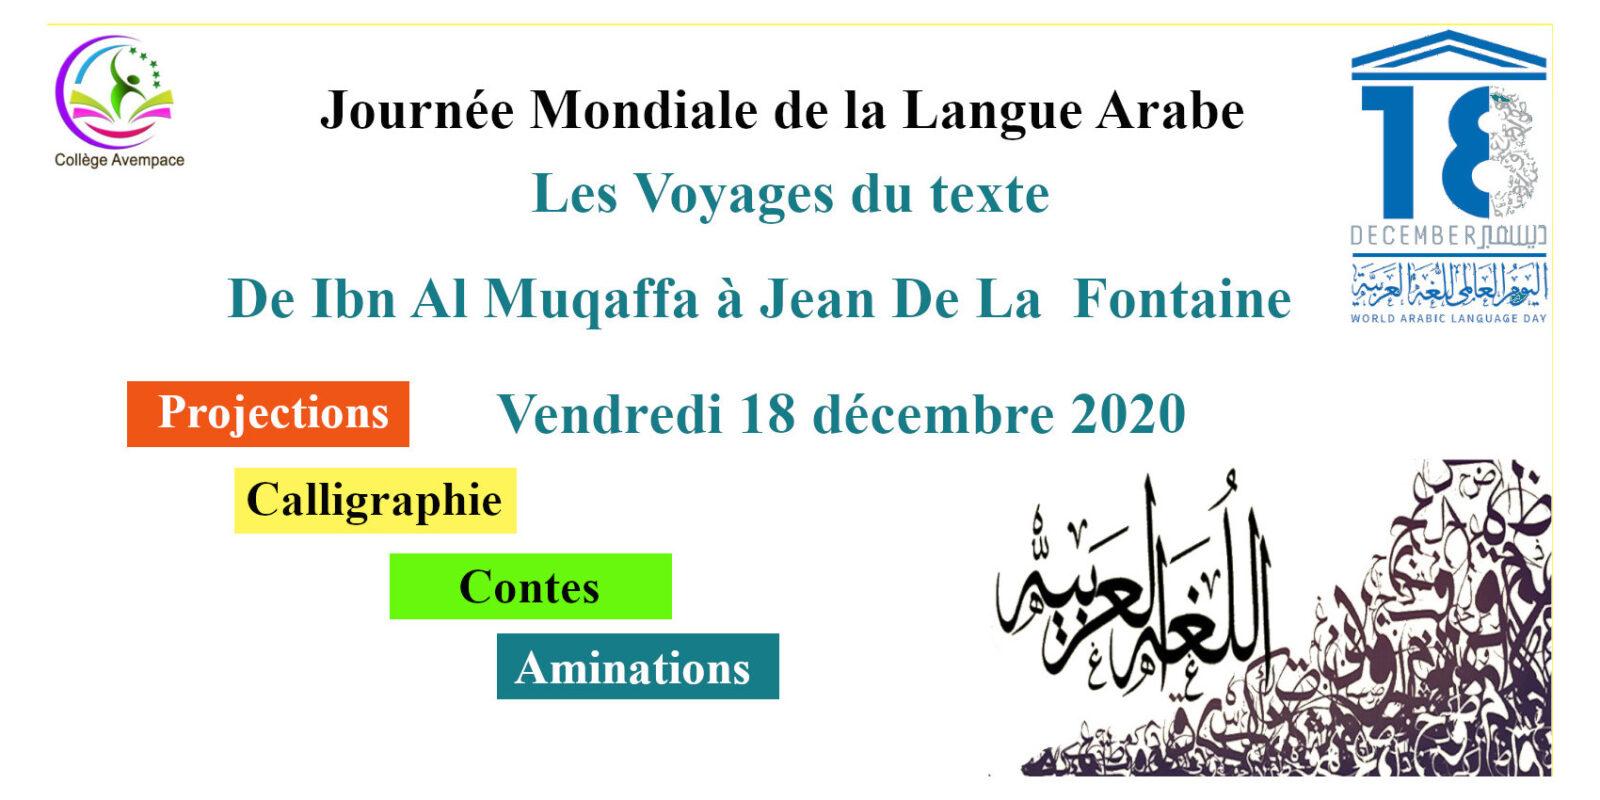 Les Voyages du texte: De Ibn Al Muqaffa à Jean De La Fontaine